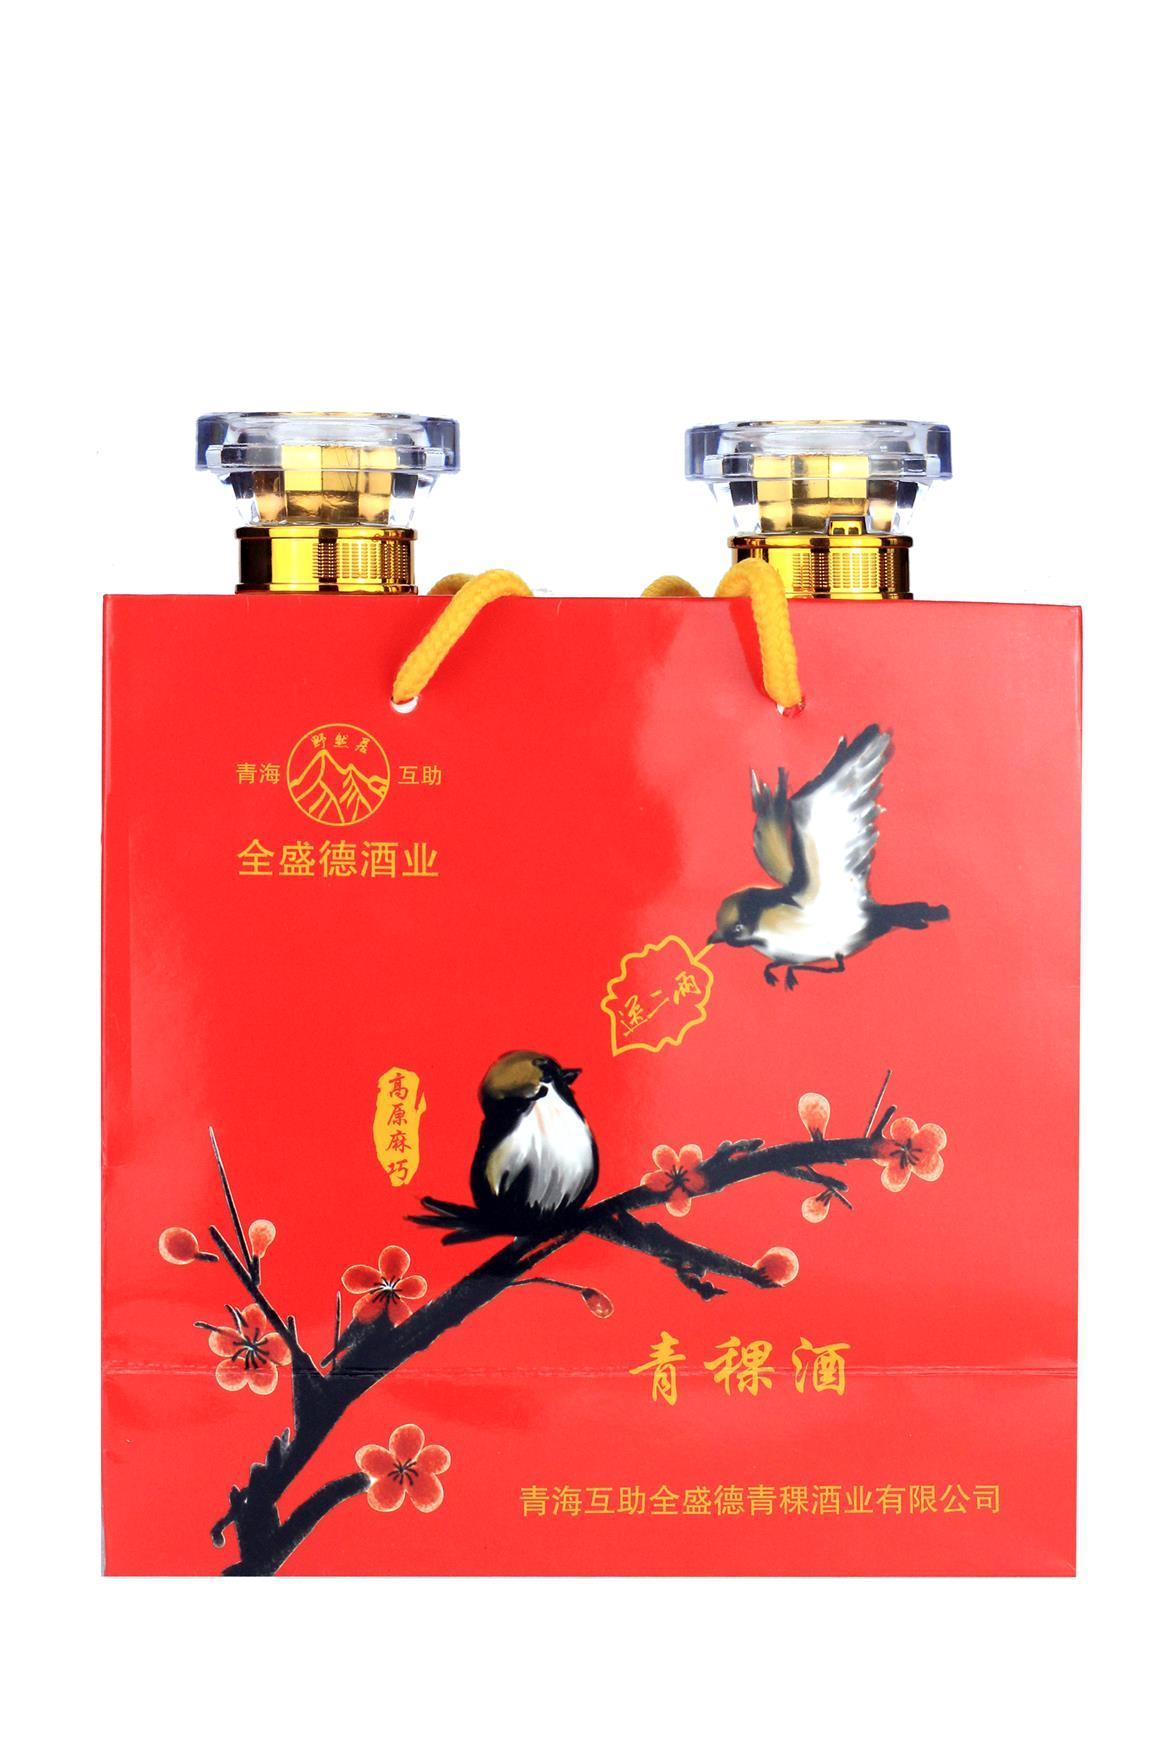 福建省原浆青稞酒哪家正规,青稞酒